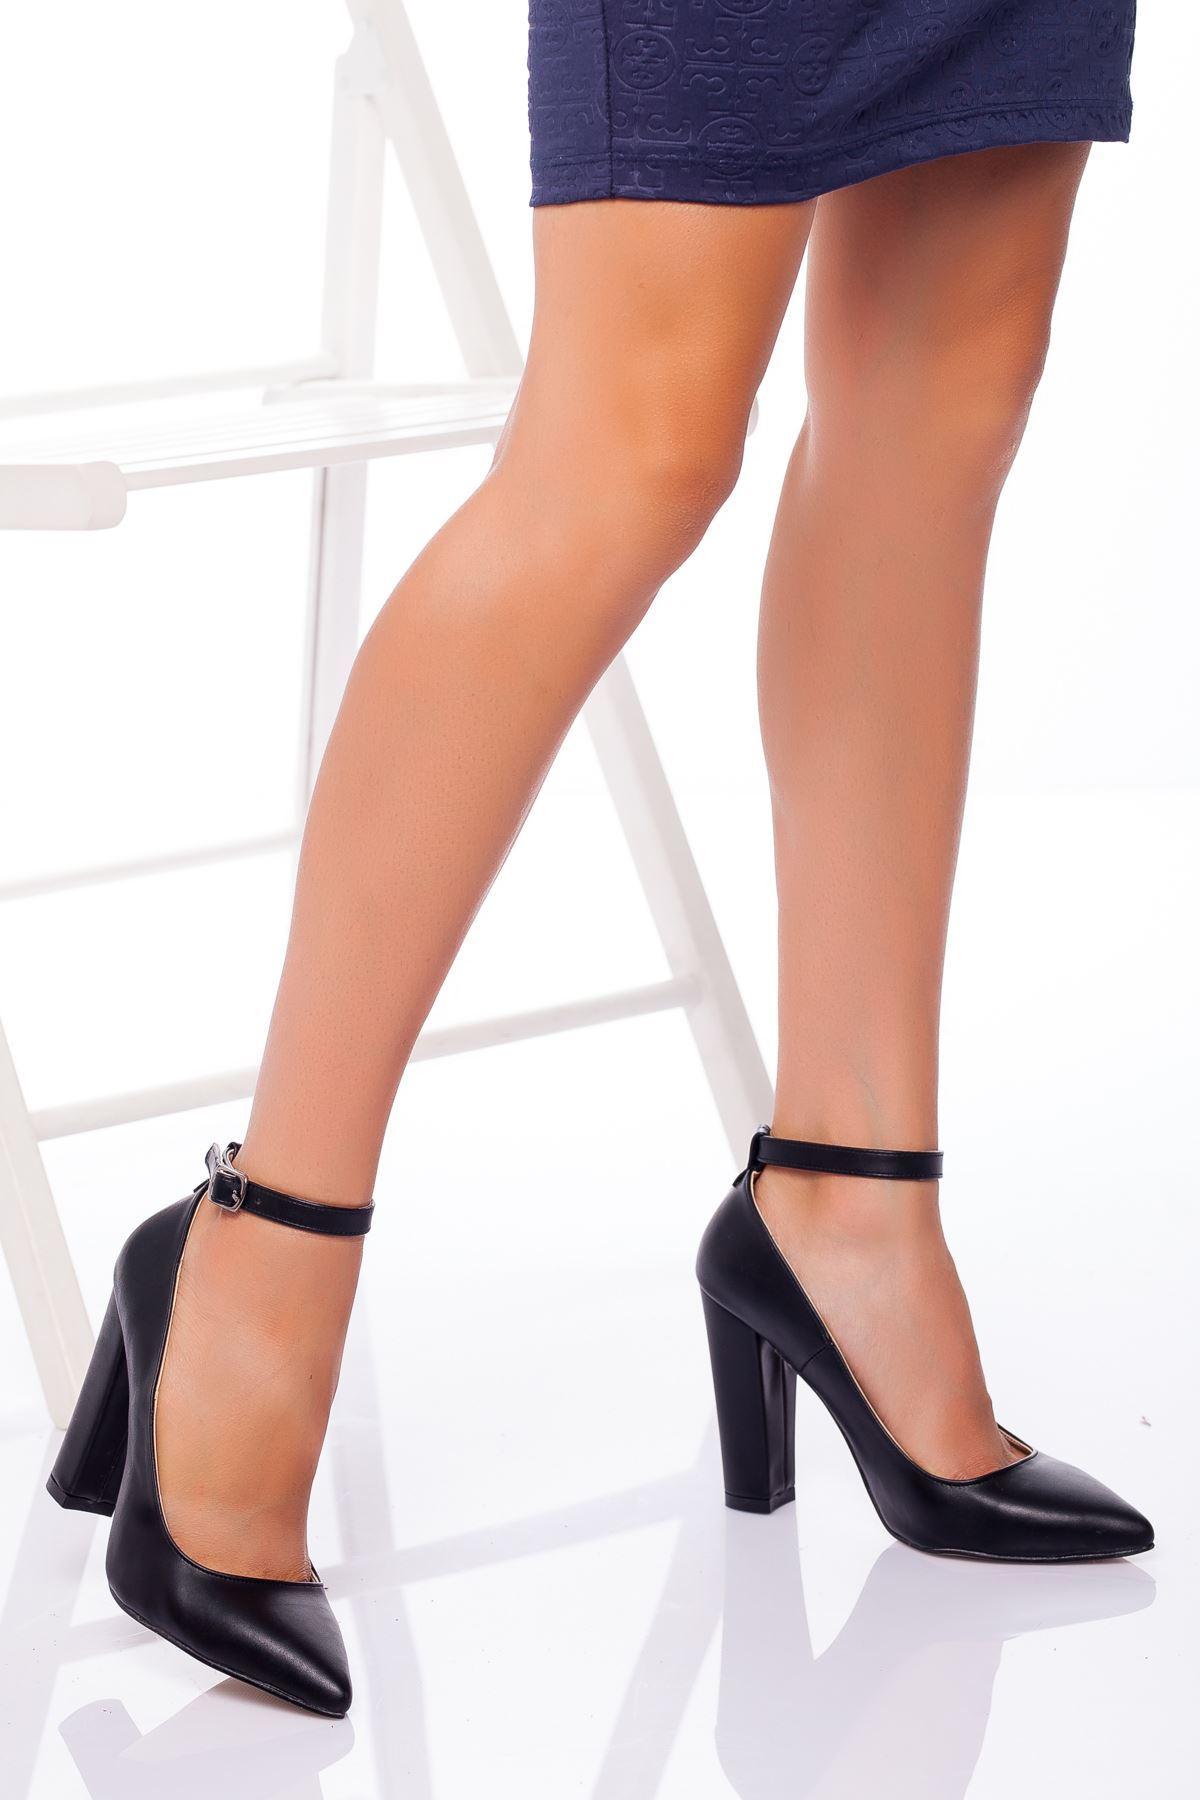 Delma Topuklu Ayakkabı SİYAH CİLT